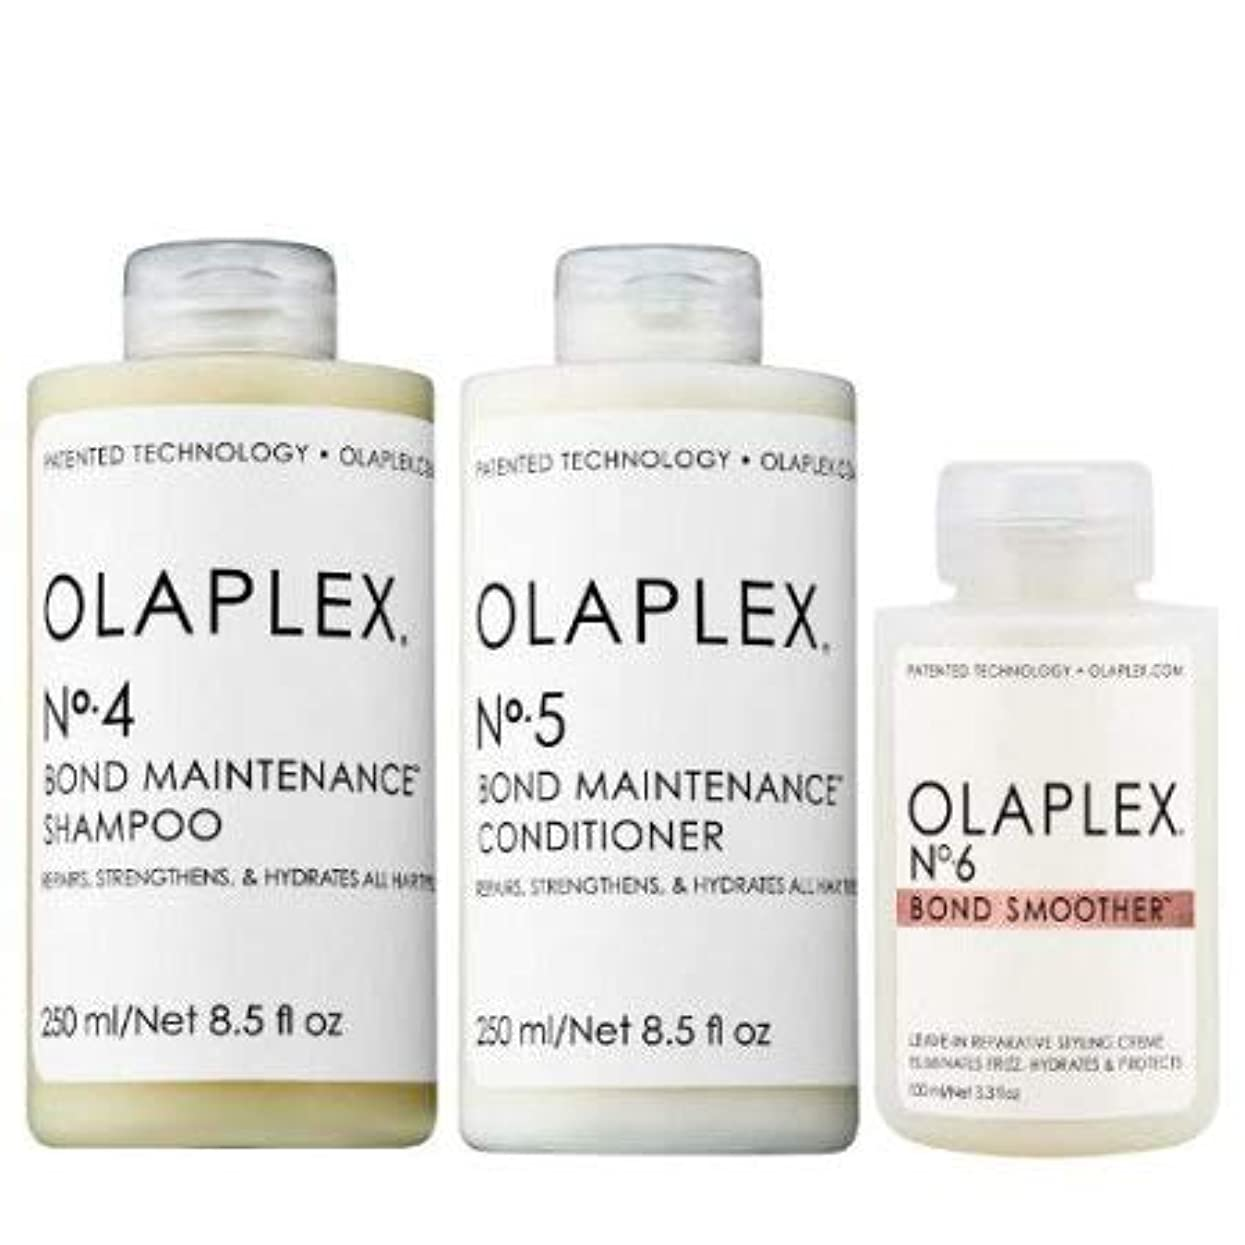 鼻乳製品試用オラプレックス No.4 5 6 ボンド メンテナンス シャンプー&コンディショナー&リーブイン トリートメント【並行輸入品】